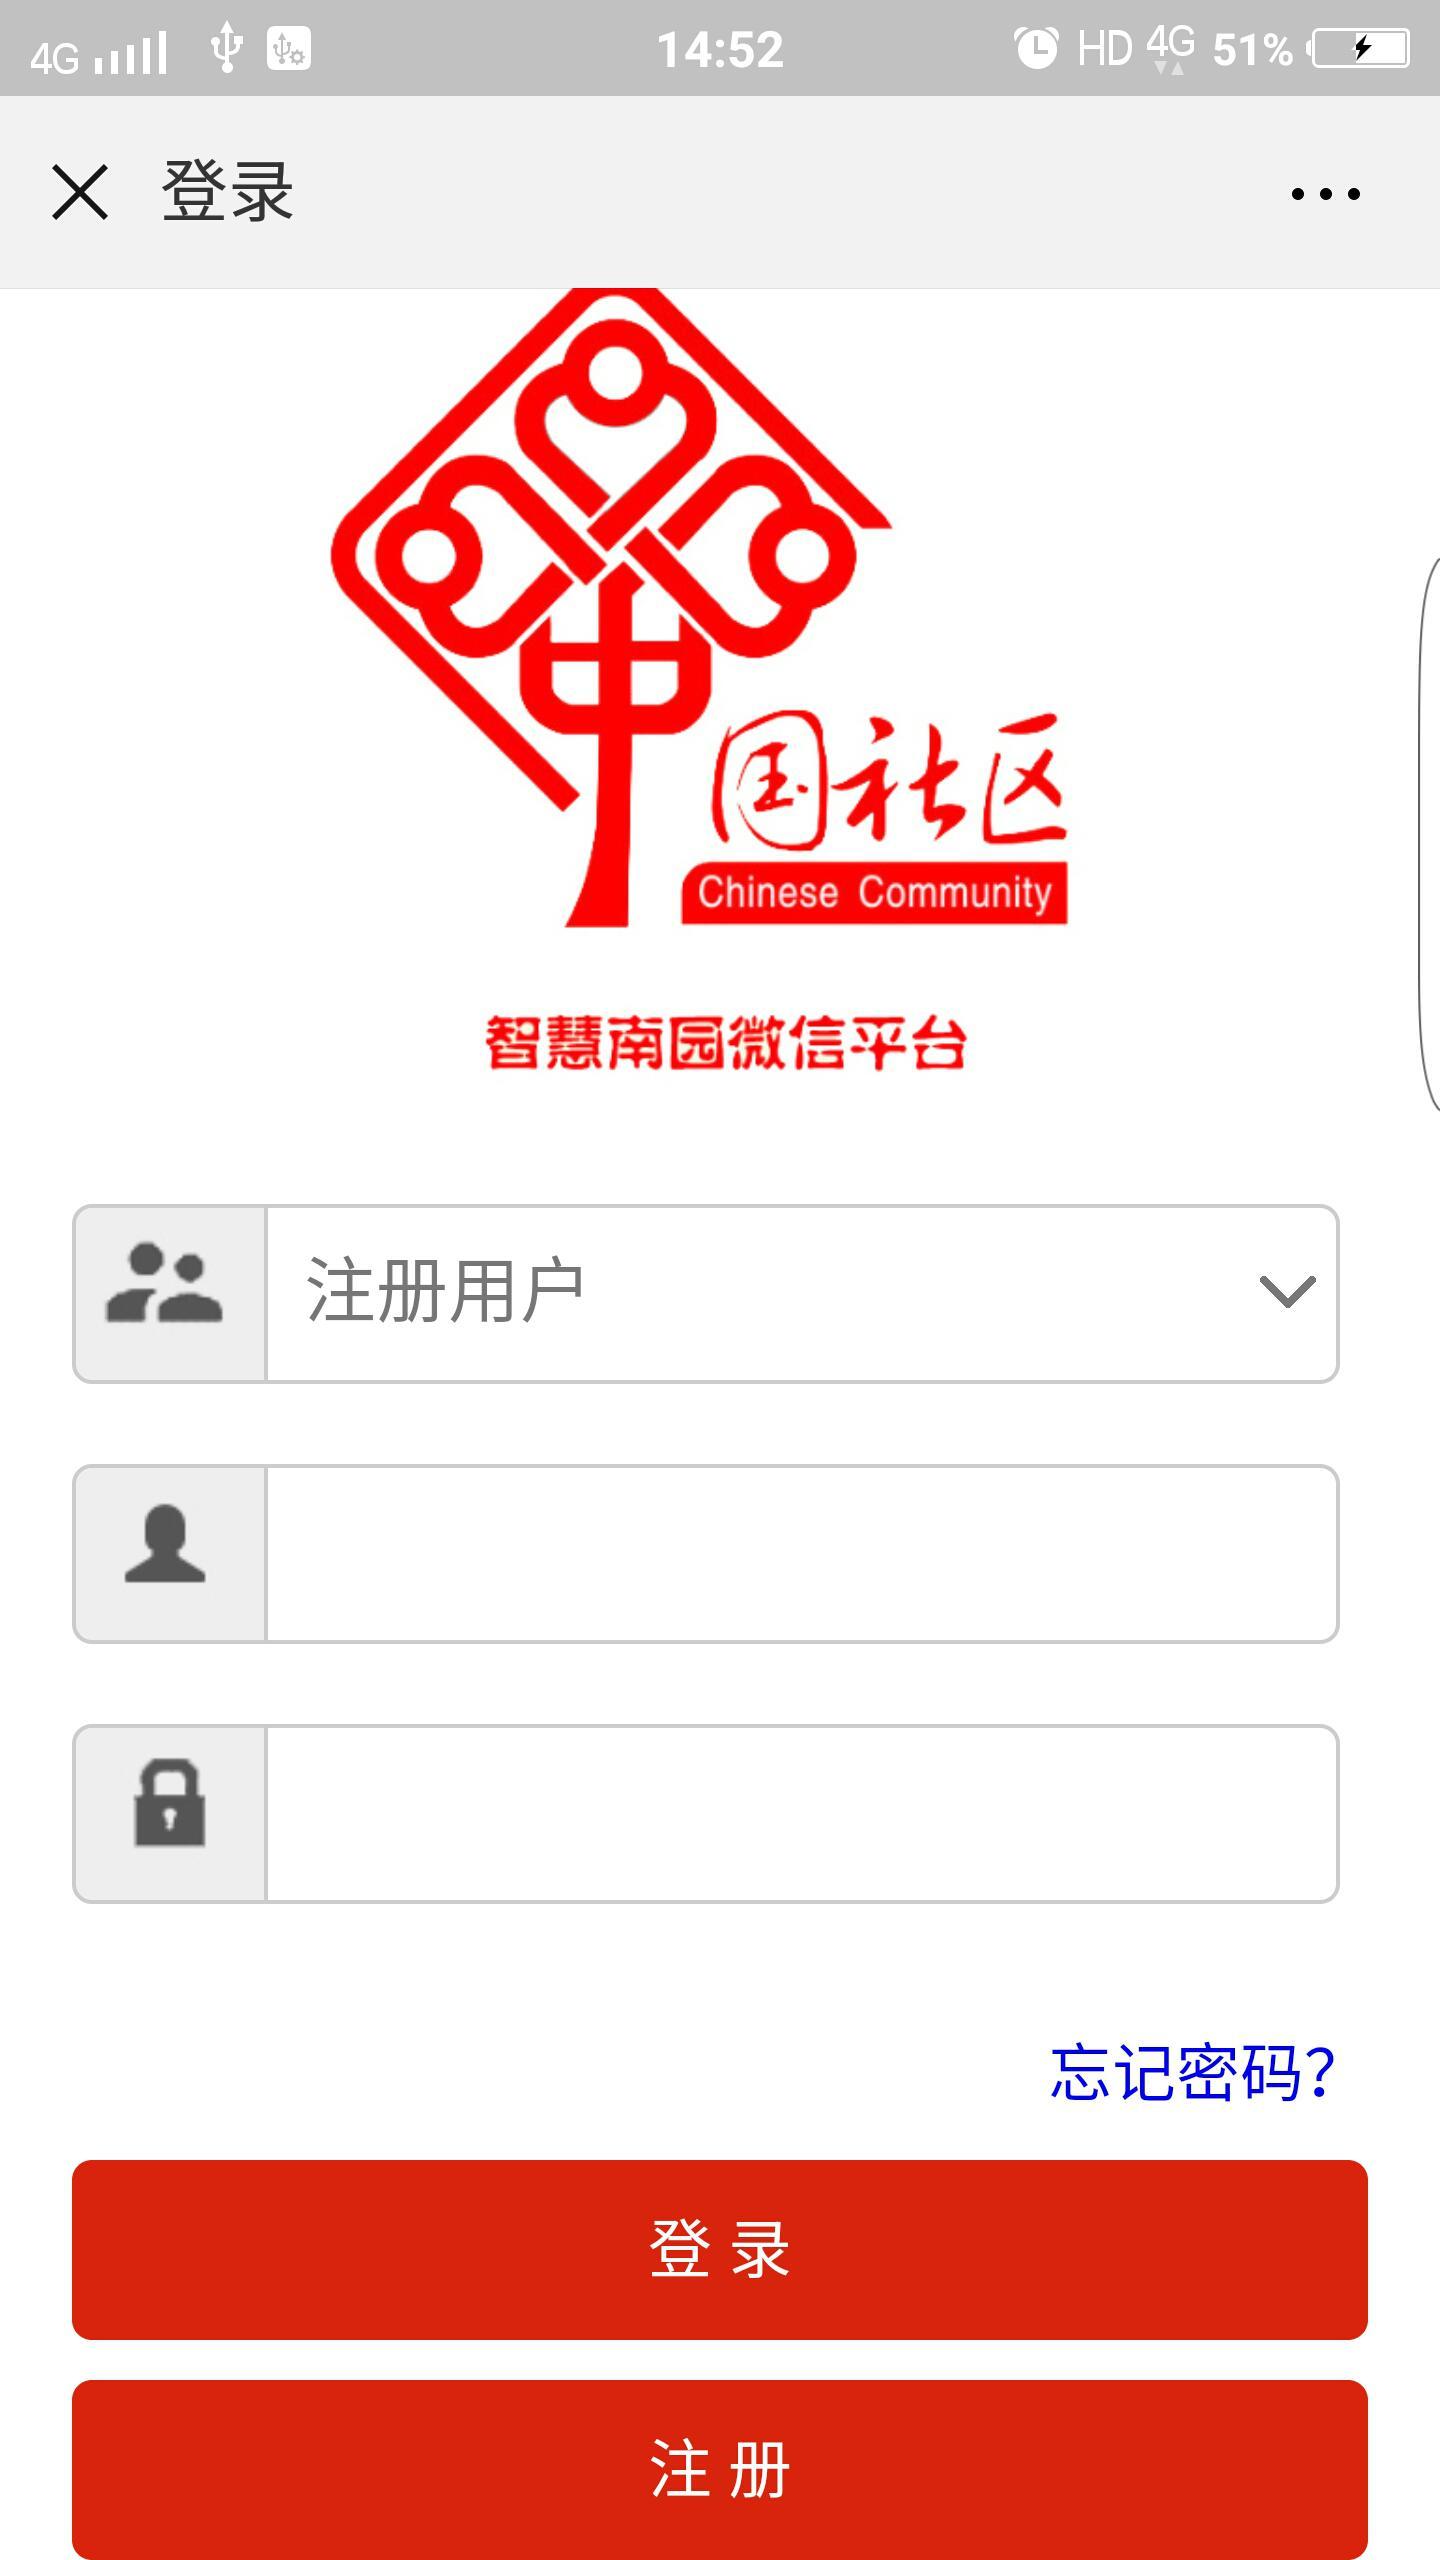 社区管理平台微信服务号